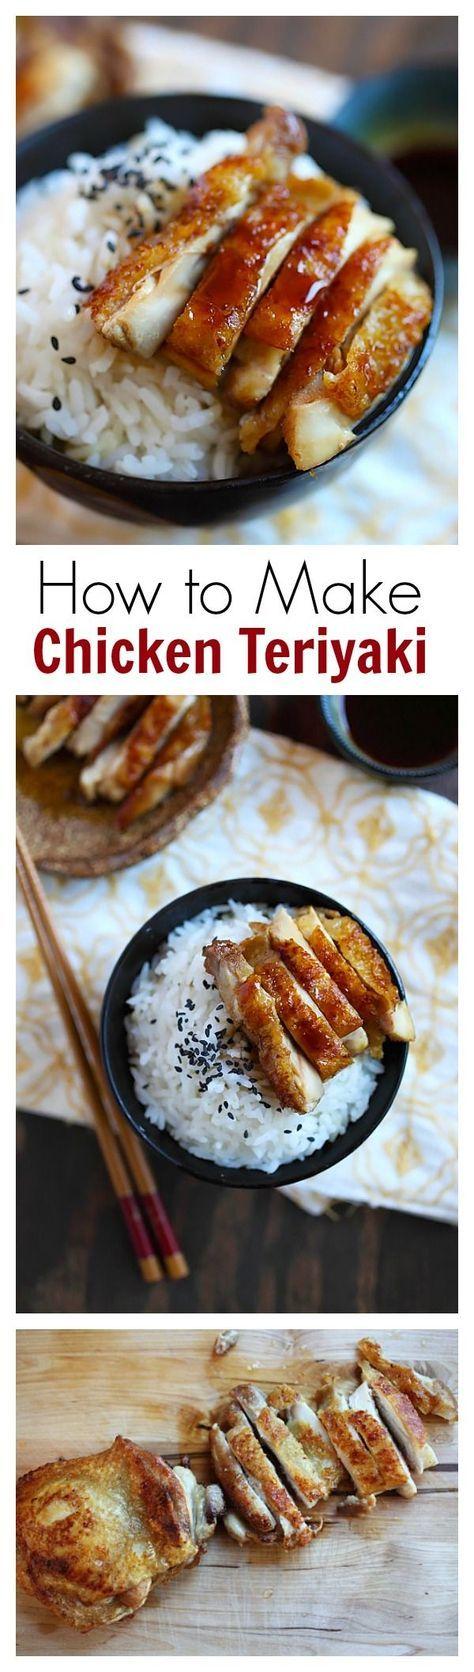 How to make chicken teriyaki? EASY recipe for teriyaki sauce plus chicken teriyaki that tastes like Japanese restaurants